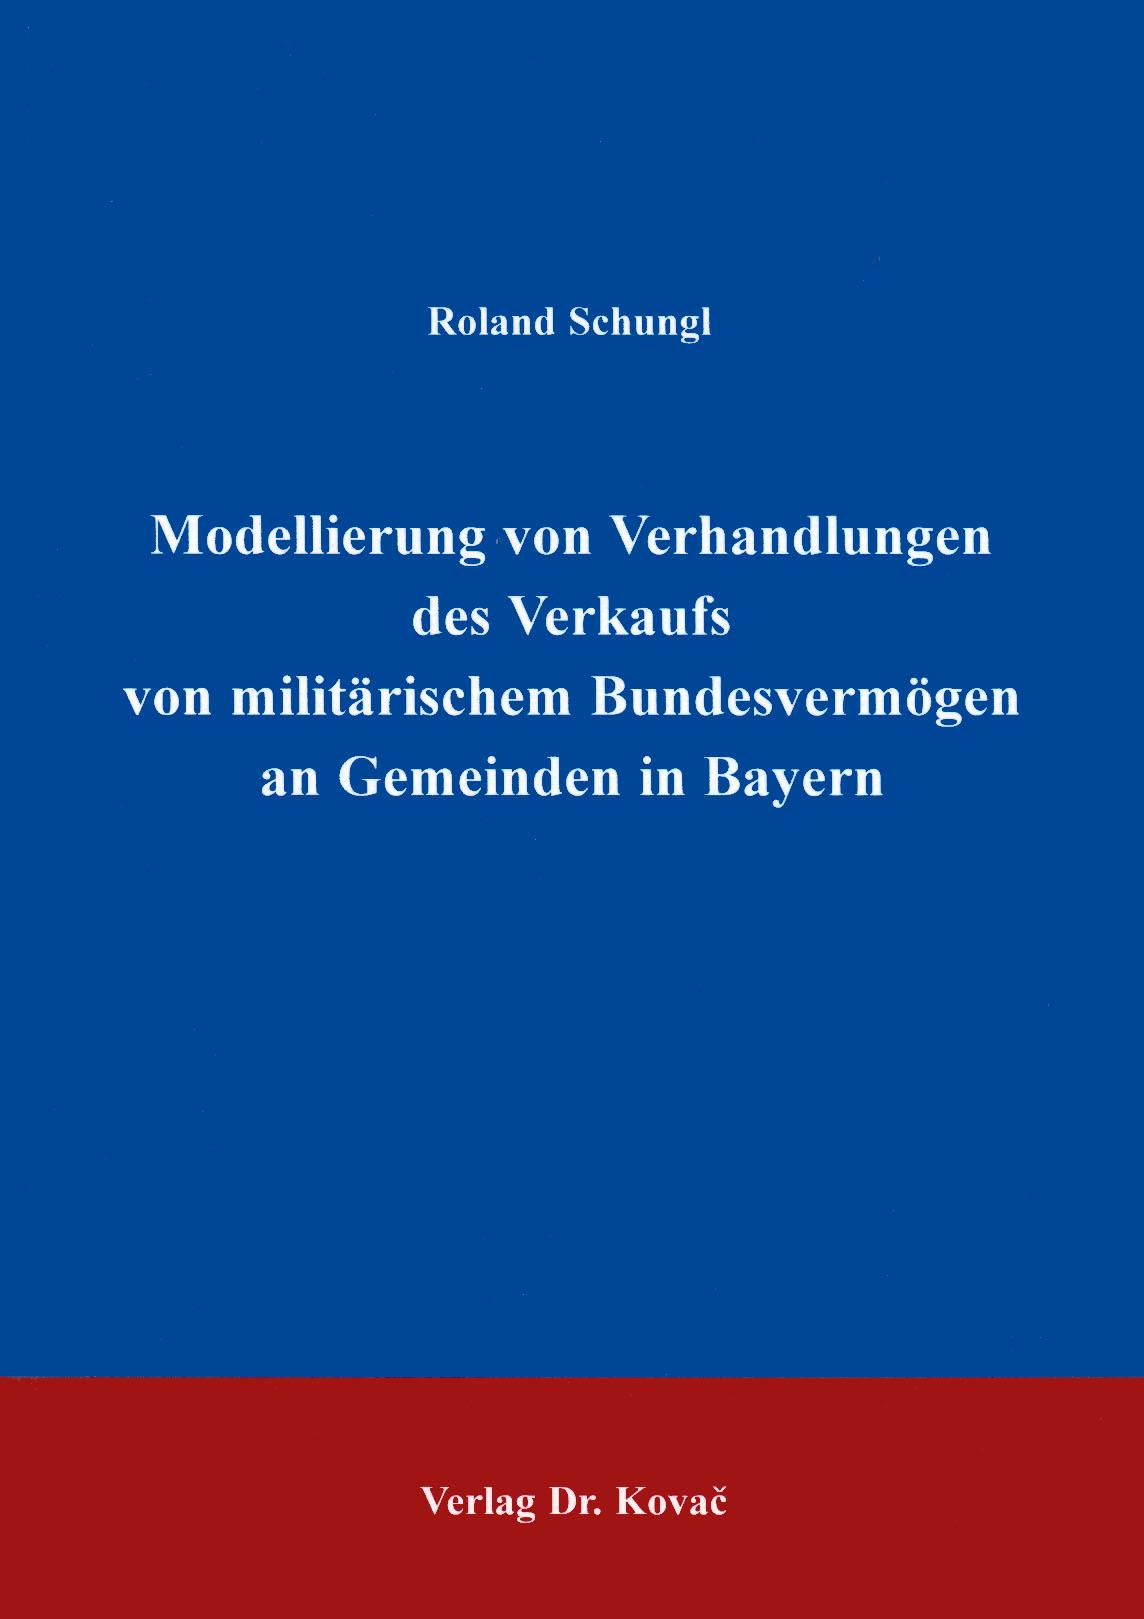 Cover: Modellierung von Verhandlungen des Verkaufs von militärischem Bundesvermögen an Gemeinden in Bayern